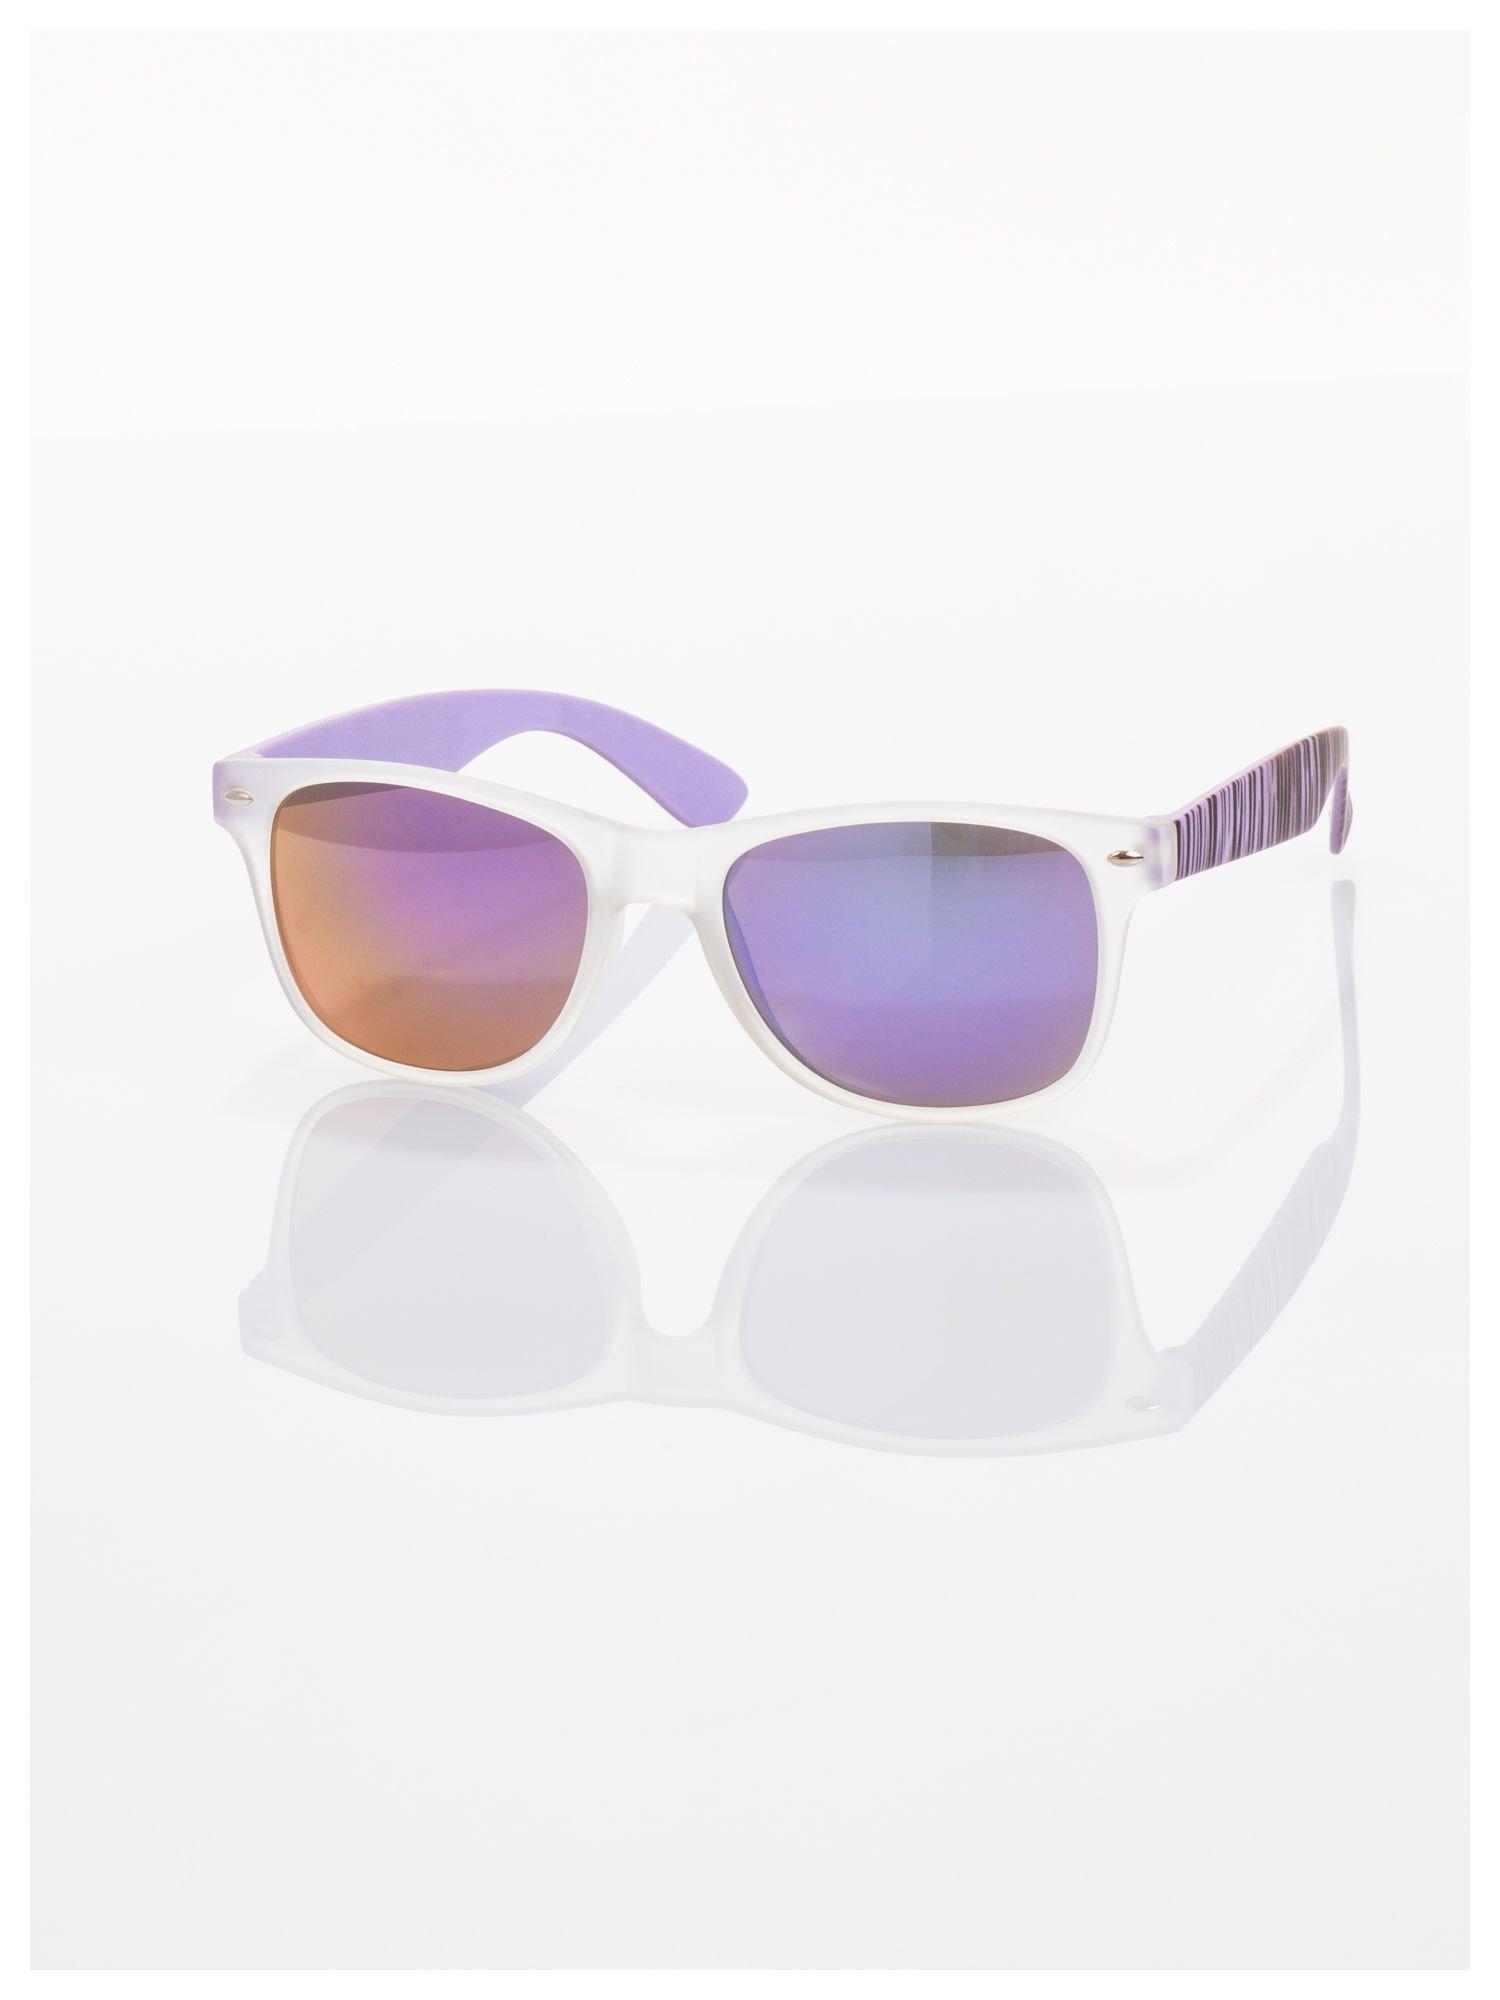 Fioletowe  lustrzanki z filtrami UV okulary z klasyczną oprawką WAYFARER NERD z efektem mlecznej szyby -odporne na wyginania                                  zdj.                                  1